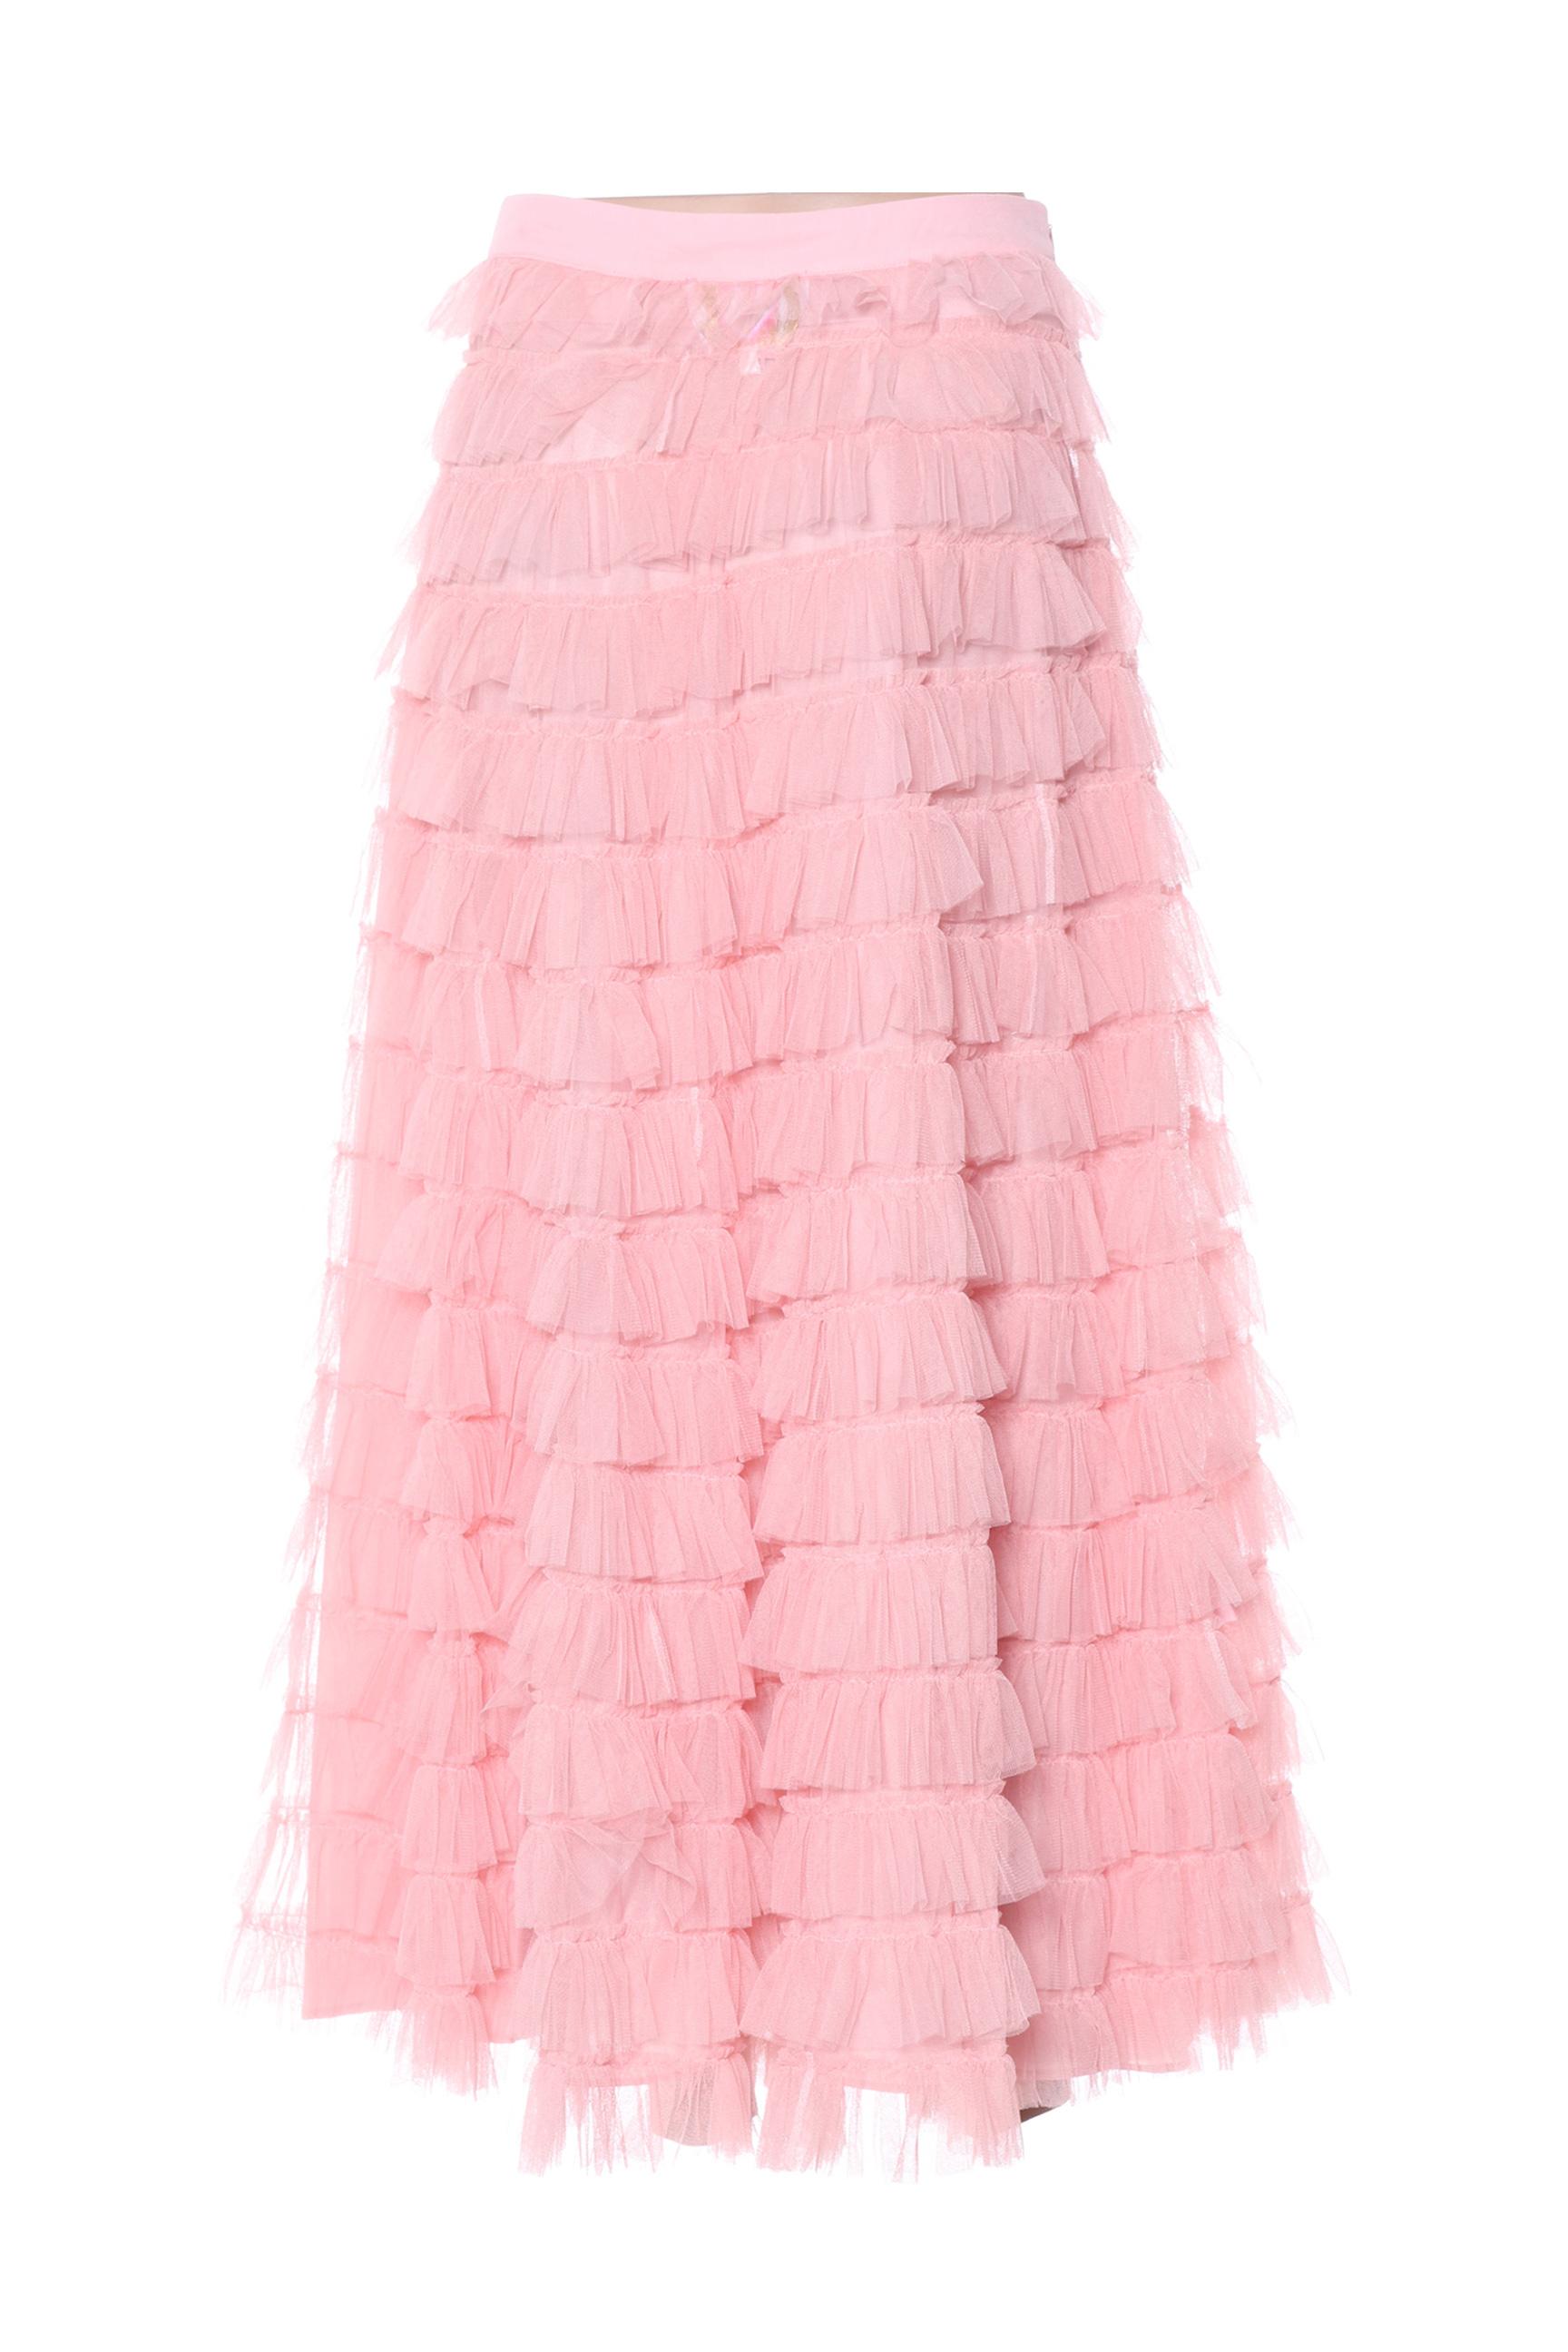 Lm Lulu Jupes Longues Femme De Couleur Rose En Soldes Pas Cher 1387195-rose00